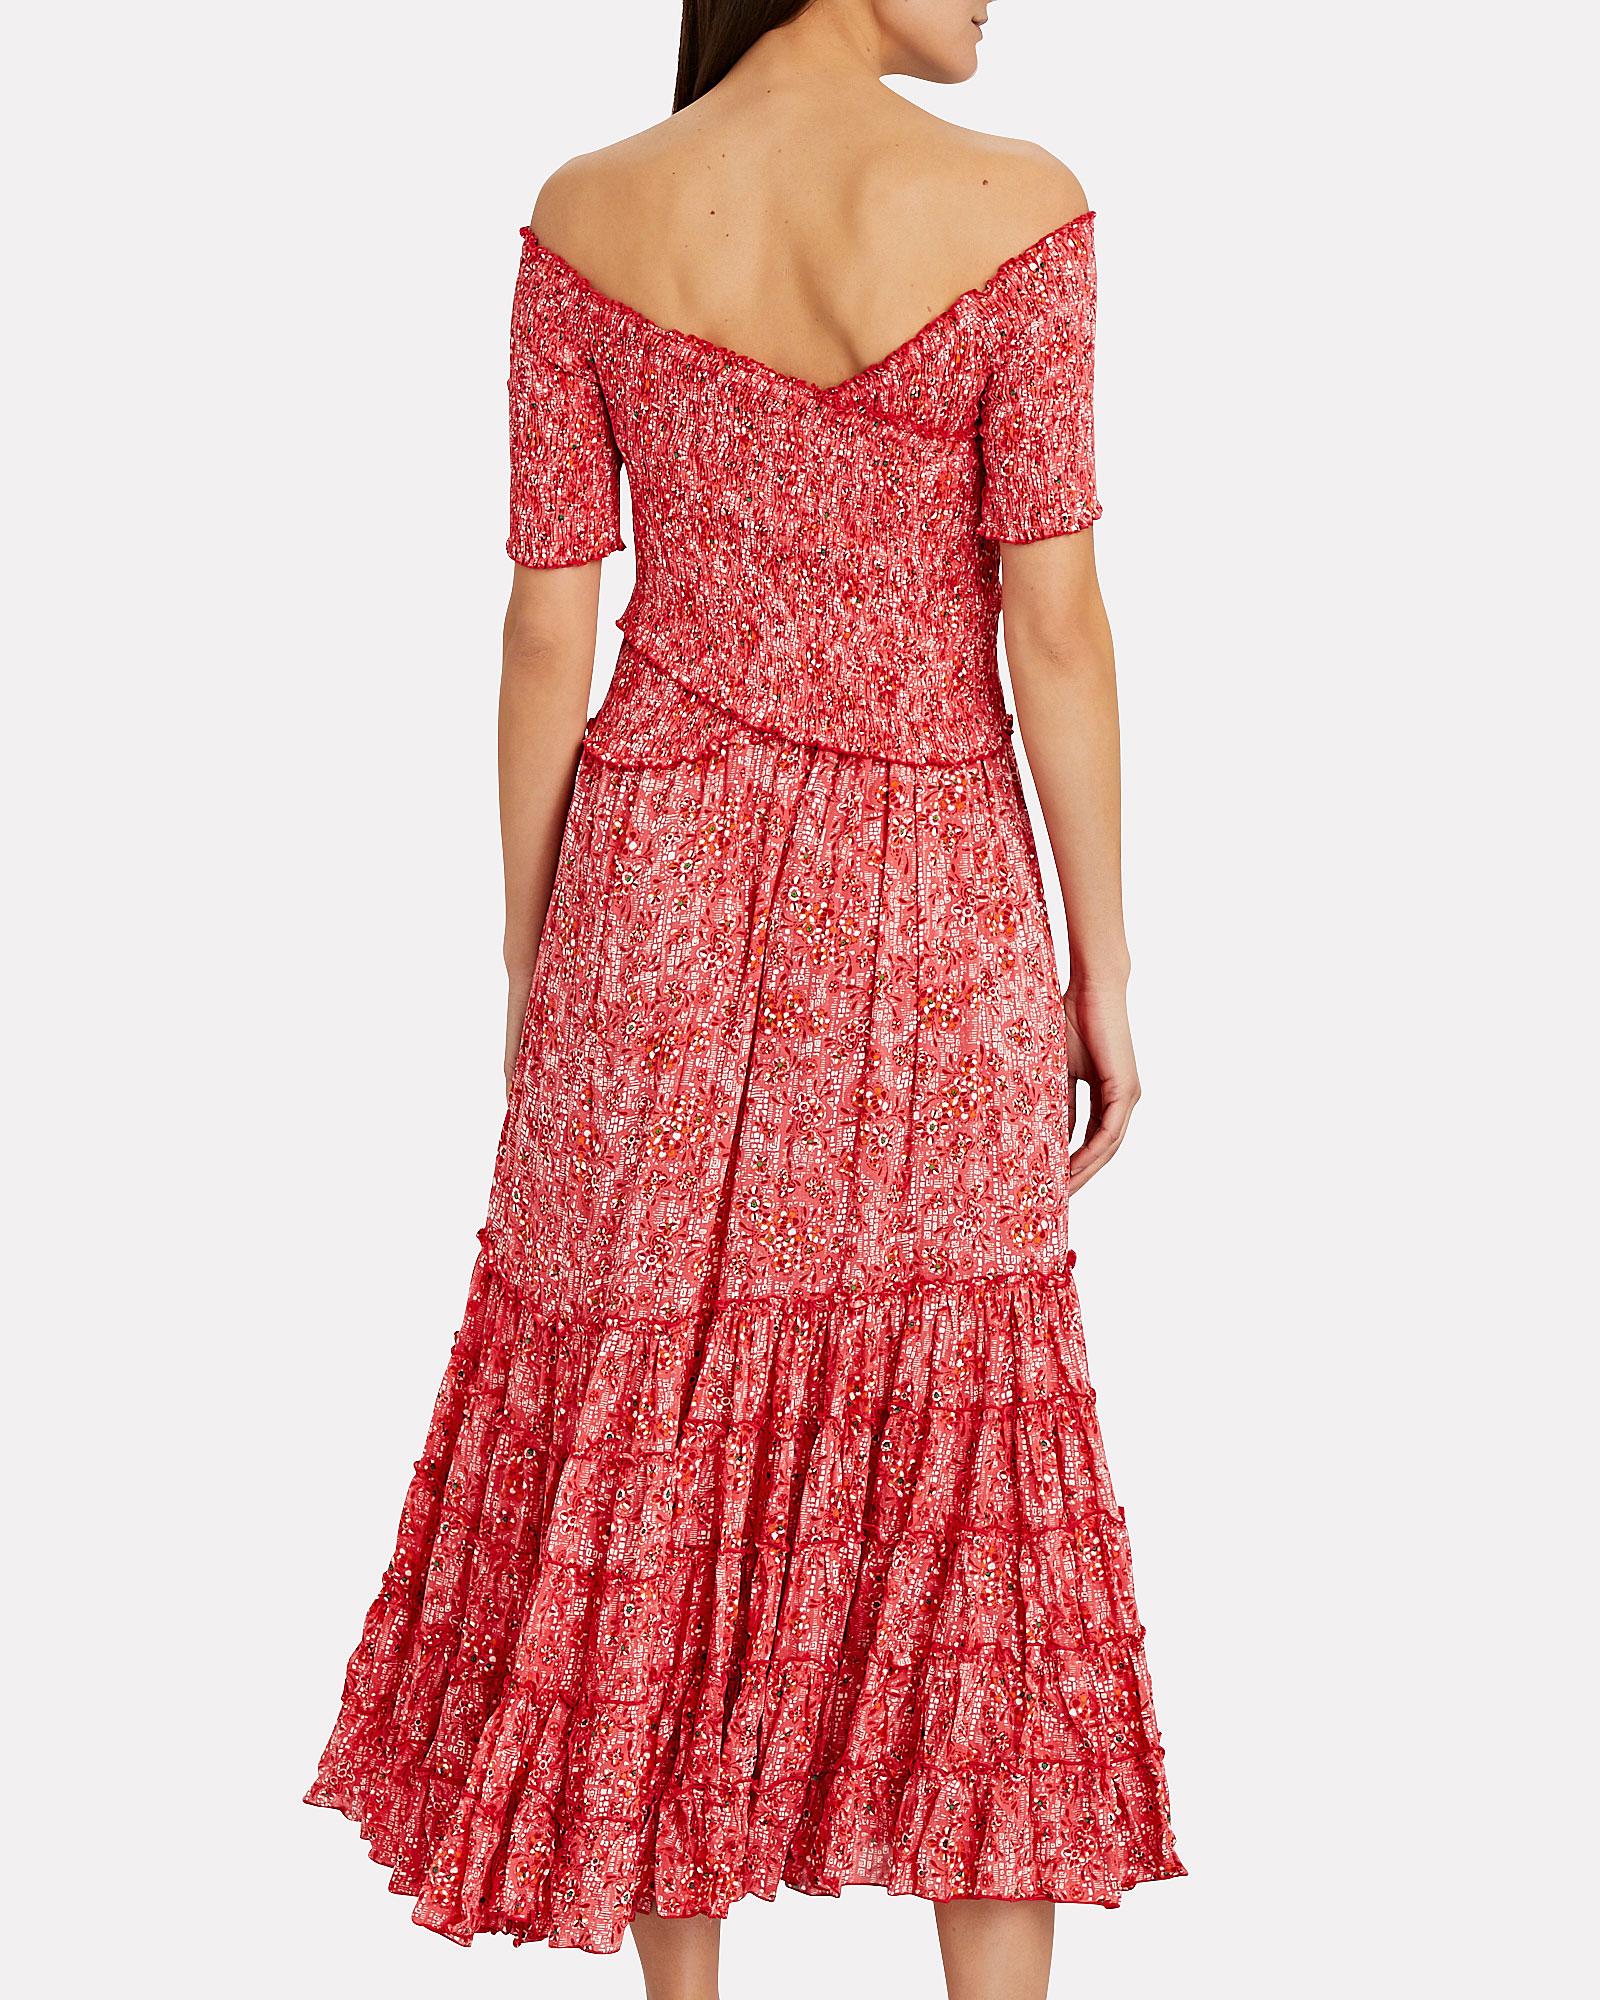 MORE /& MORE Damen Pepita Cocktail Kleid Knielang Stehkragen Schluppe Jersey